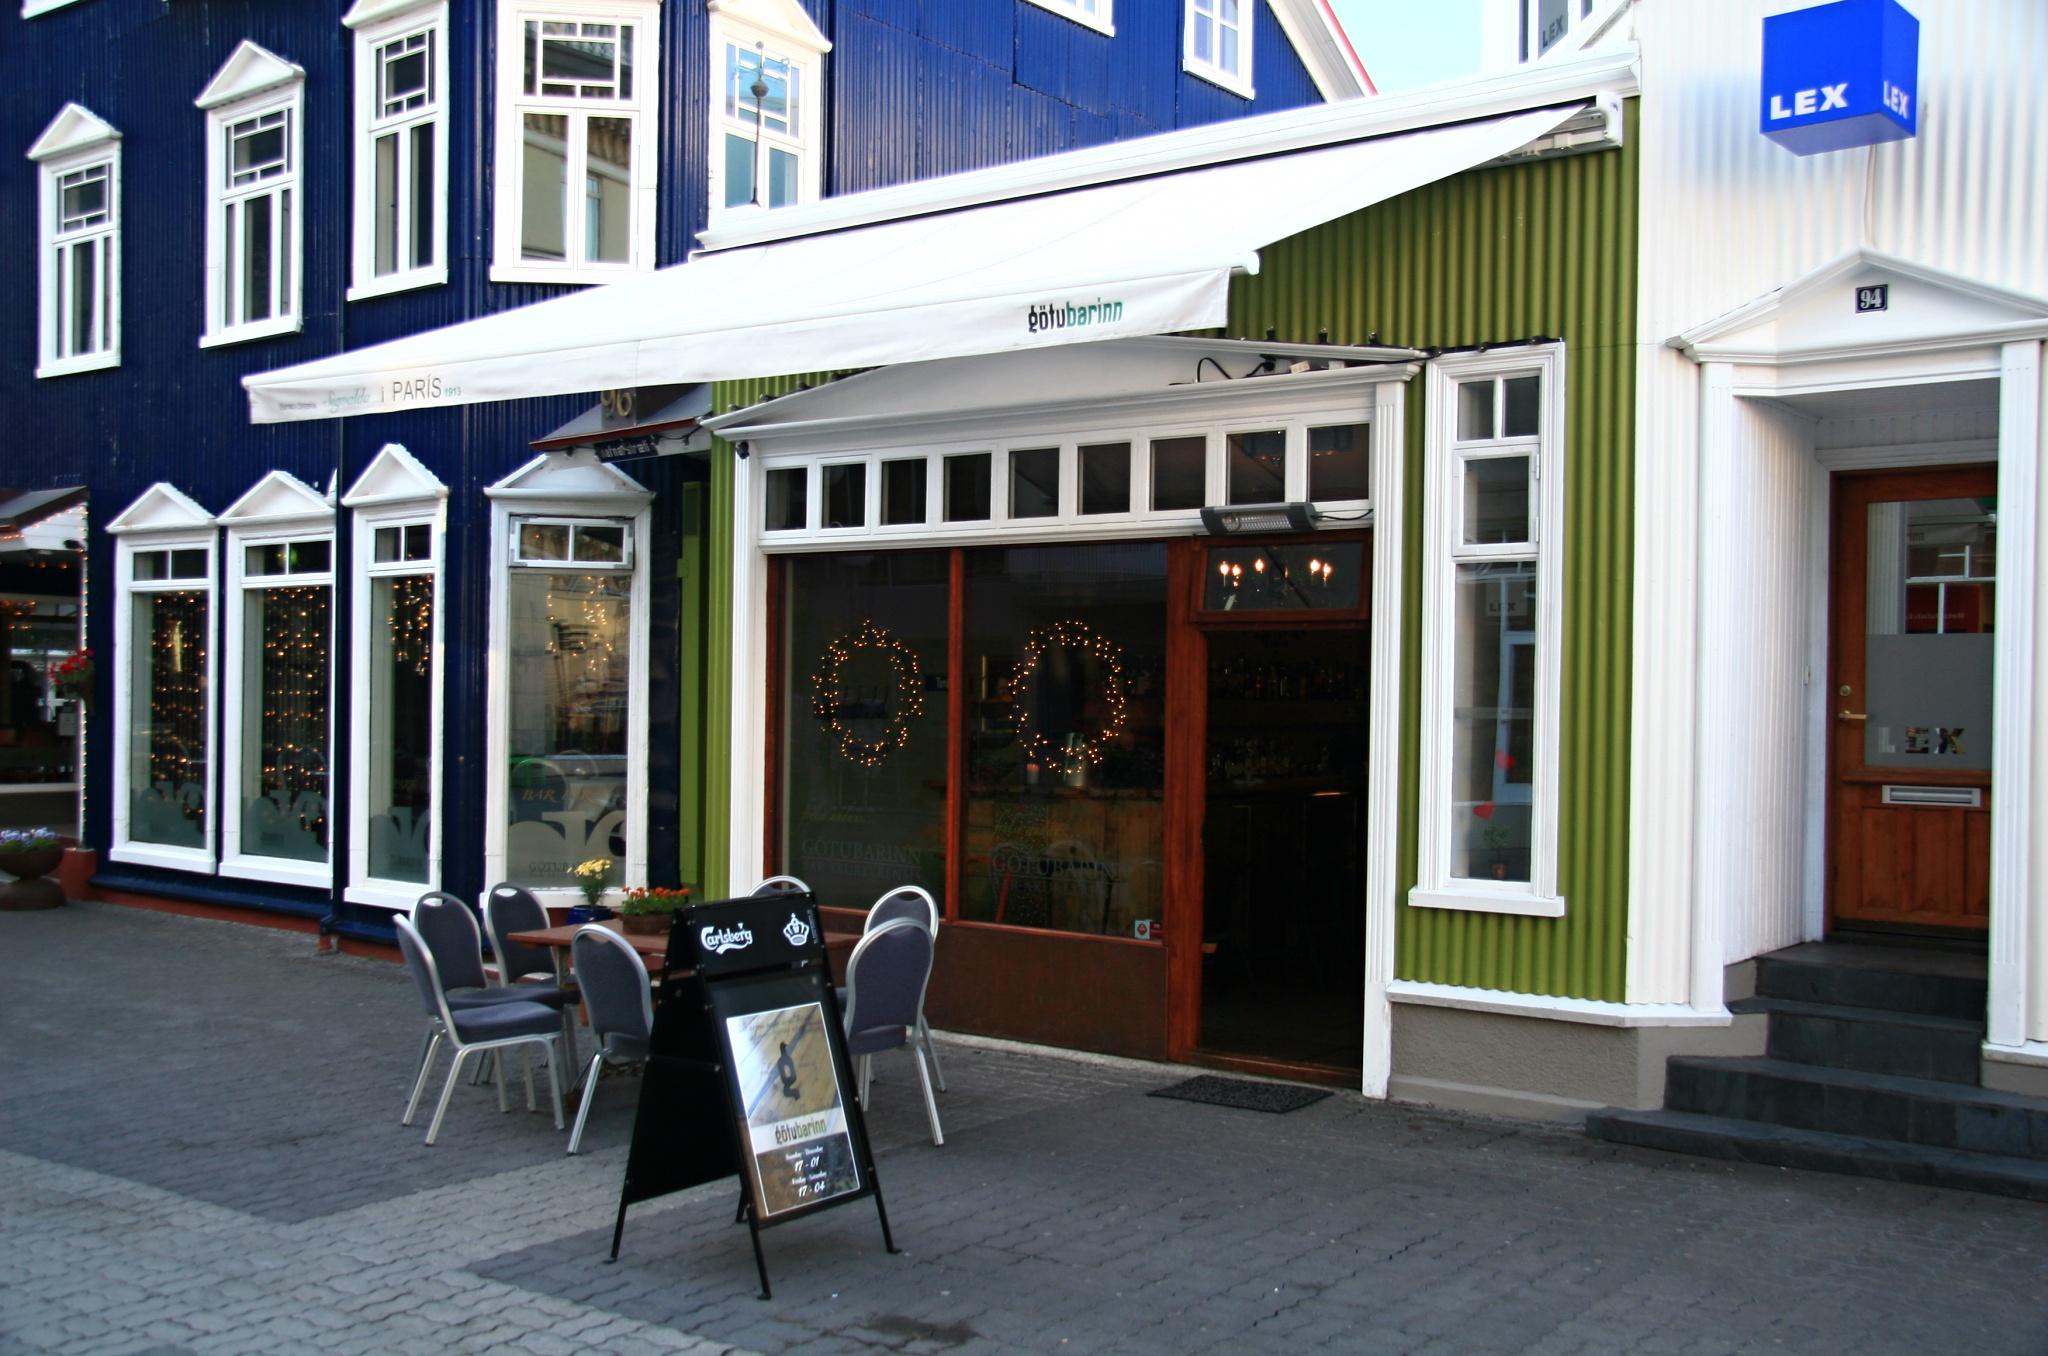 Malý bar Gotubarinn v Akureyri